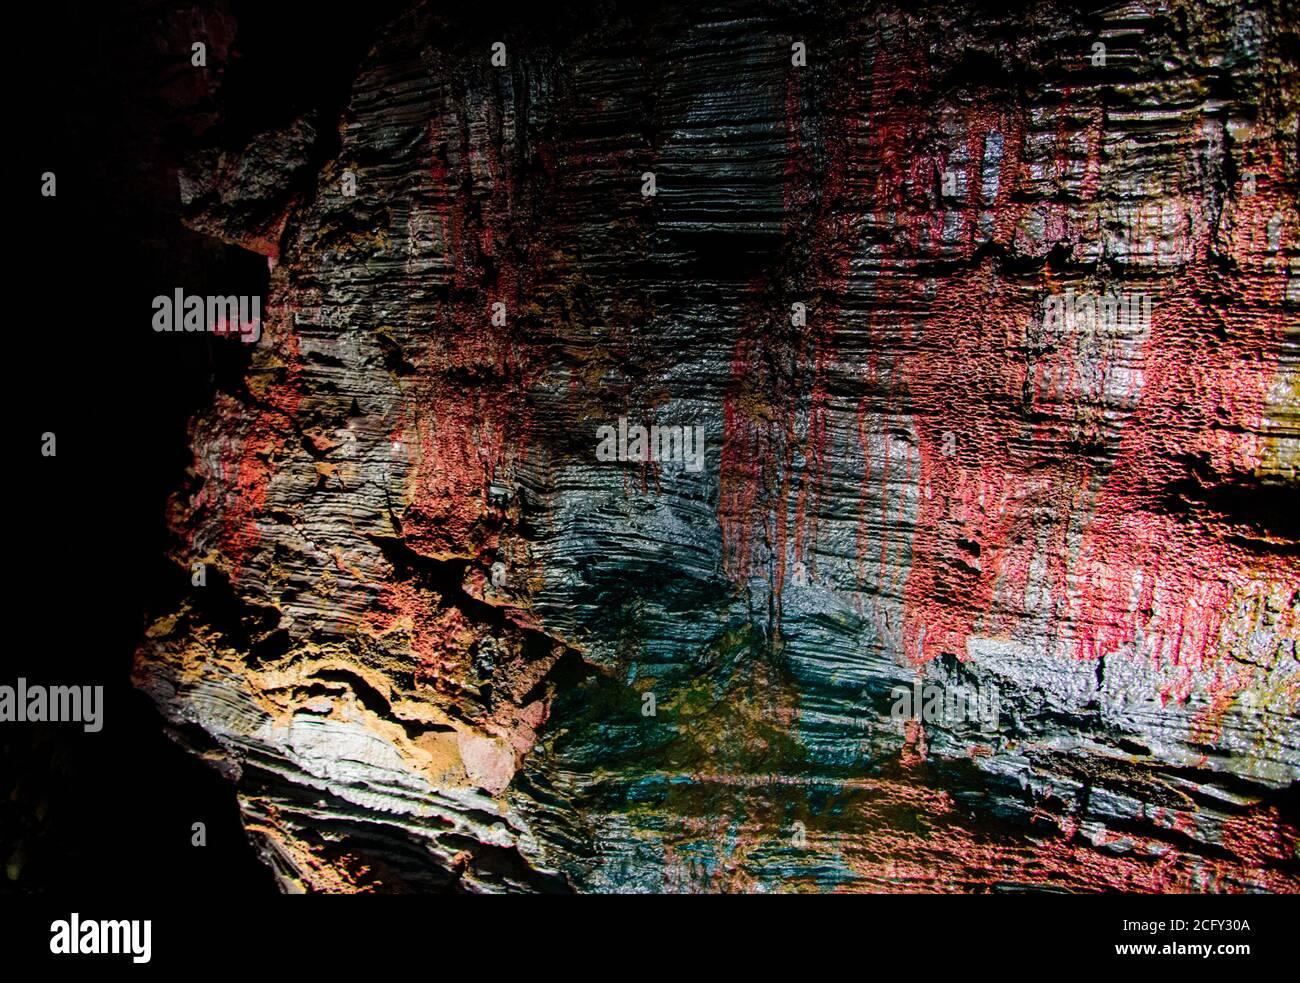 La grotte du tunnel de Lava, immense tube de lave dans le sud de l'islande Banque D'Images